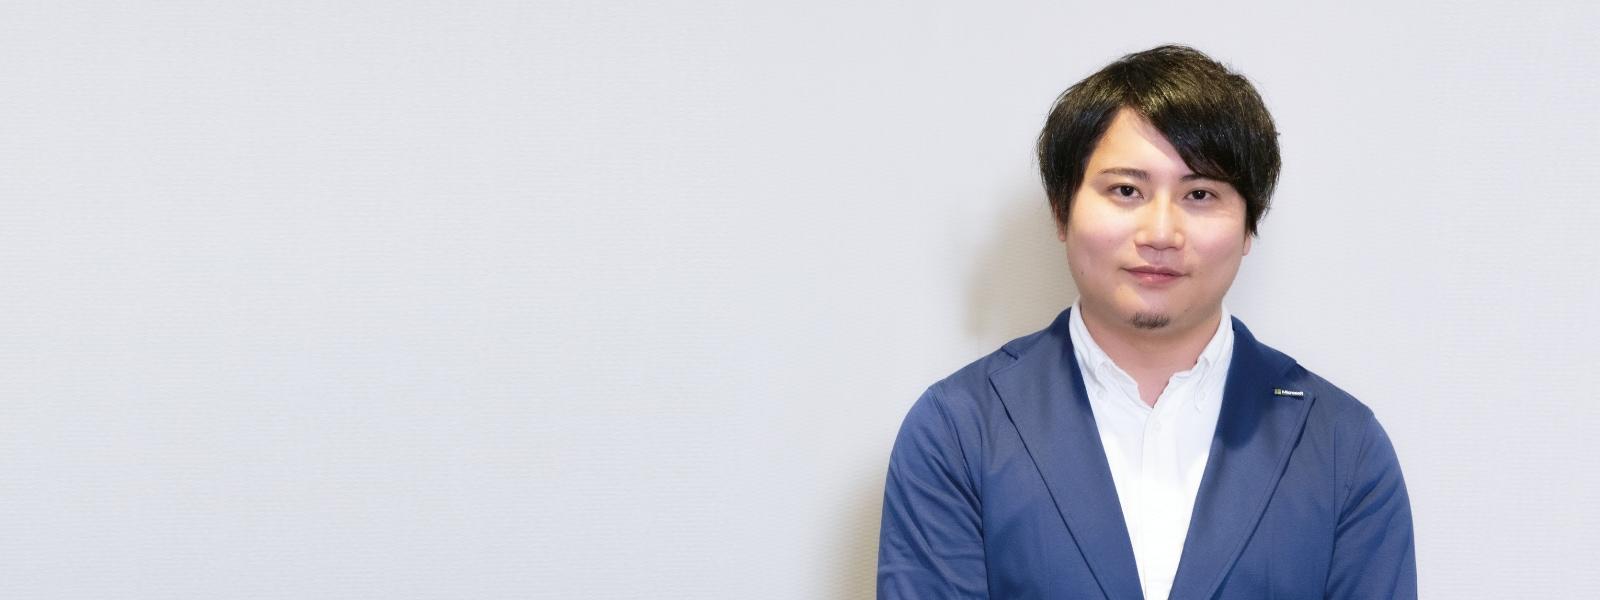 デジタルセールス事業部 デマンドレスポンスチーム デジタルセールスレプレゼンタティブ Yuki